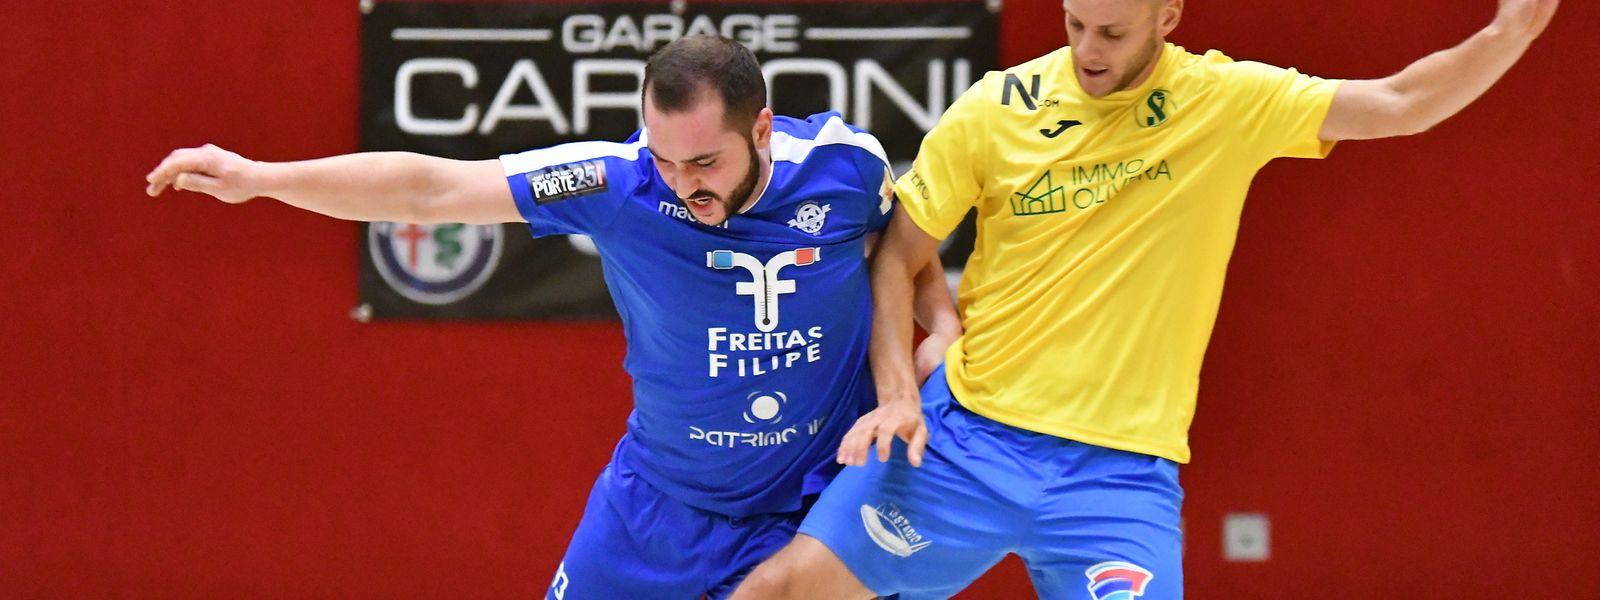 Claudio Lemos et l'US Esch (en bleu, à g.) ont émergé de justesse (2-3) face au Samba 7 Niederkorn de Thomas Luis (en jaune)